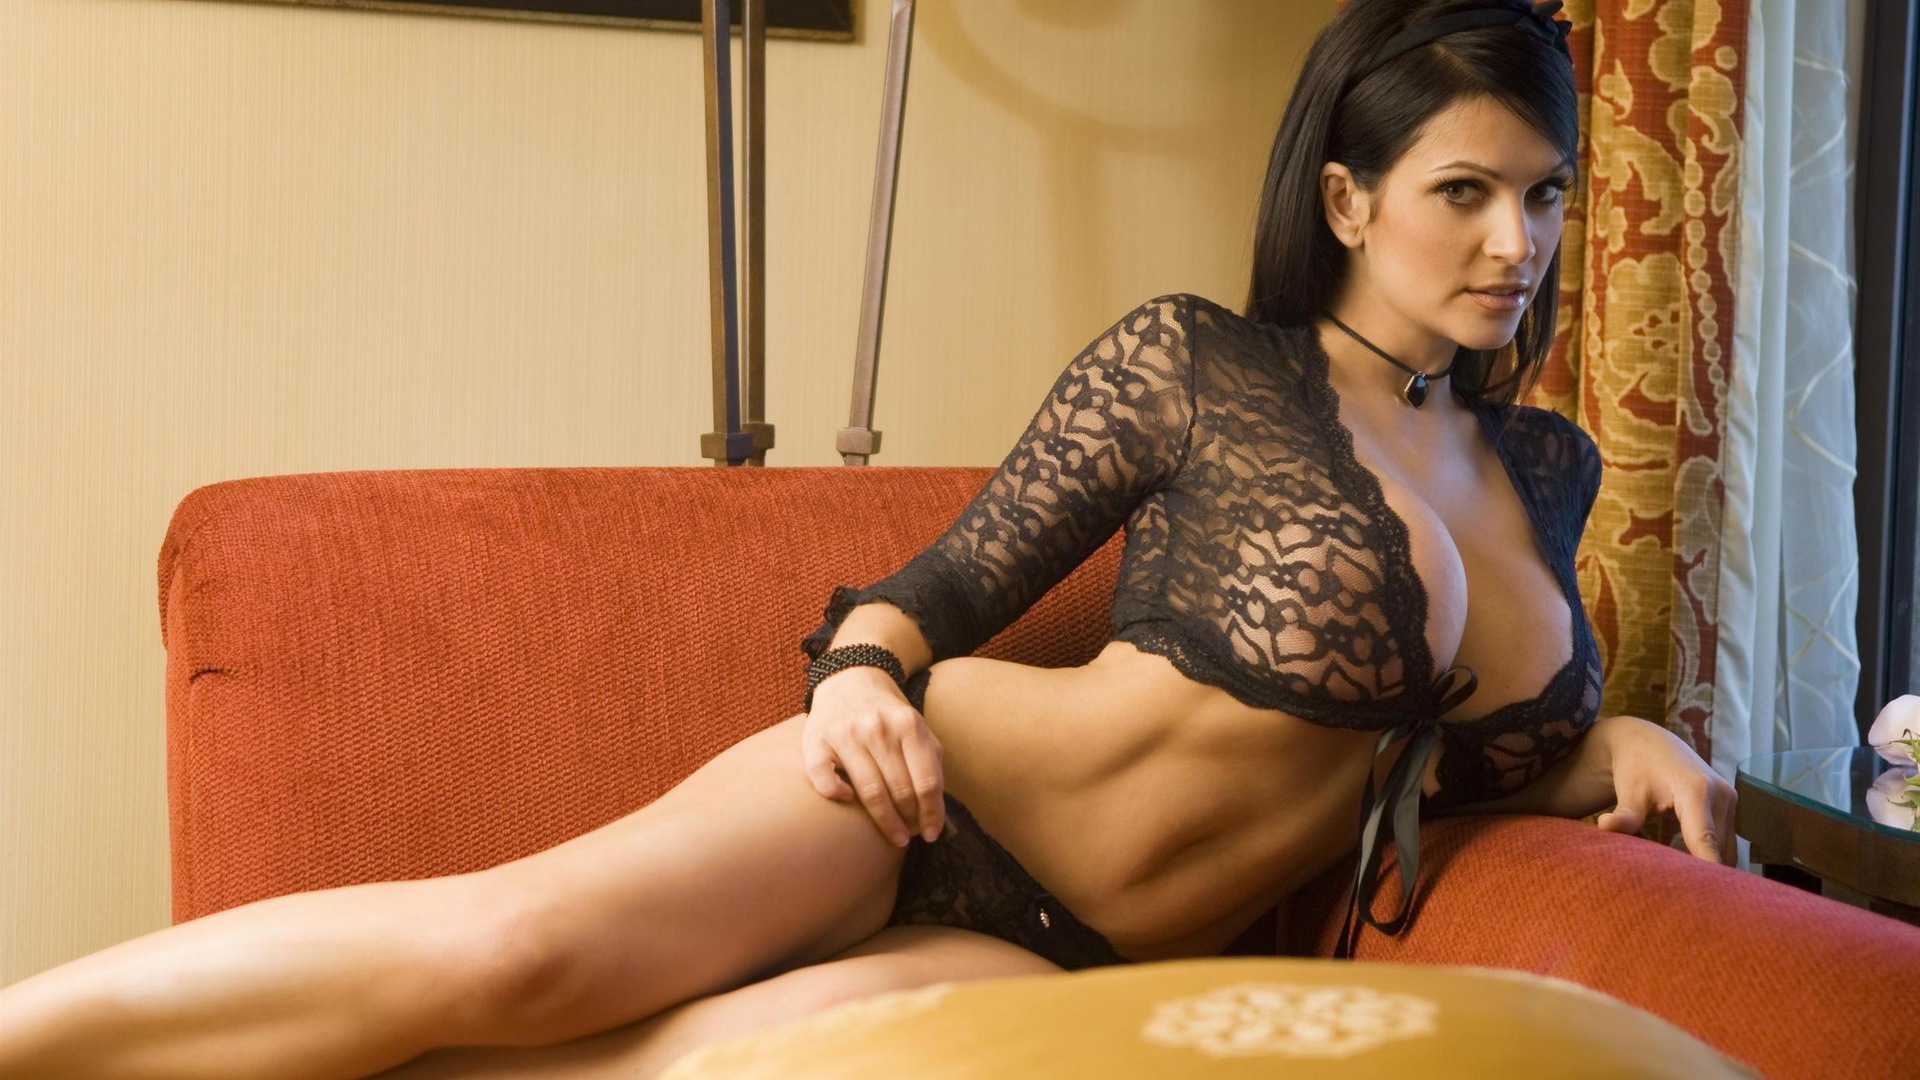 Пышногрудые девушки в прозрачном белье 22 фотография